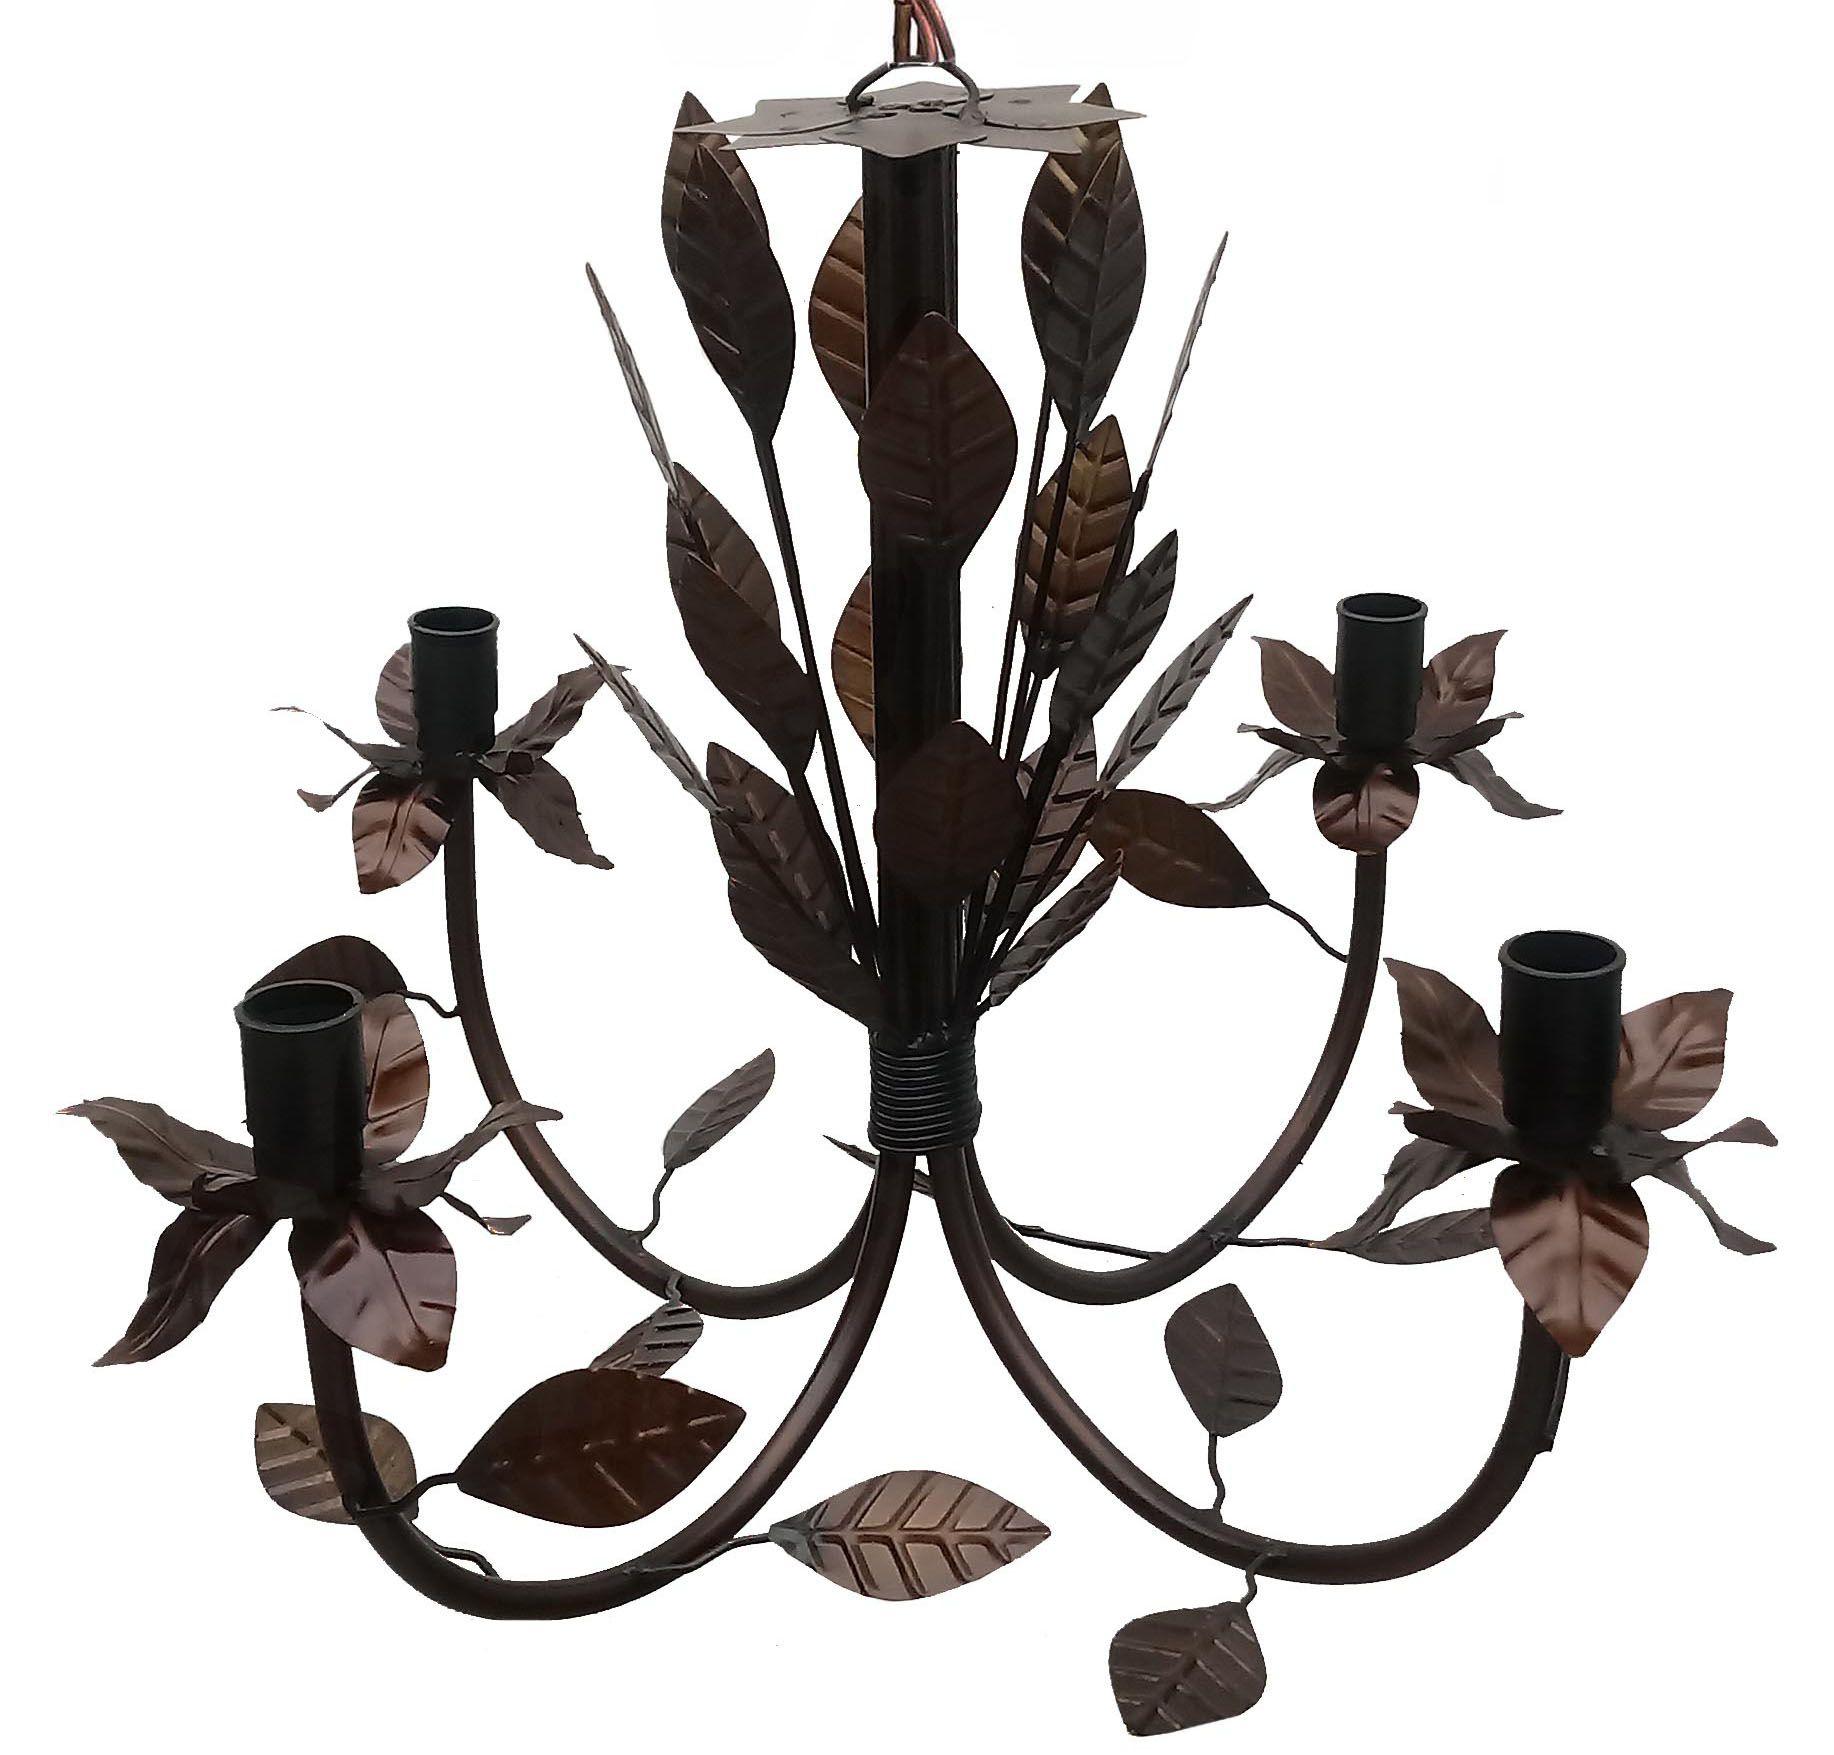 Lustre Pendente de Teto com Folhas em Ferro para Iluminação de Sala